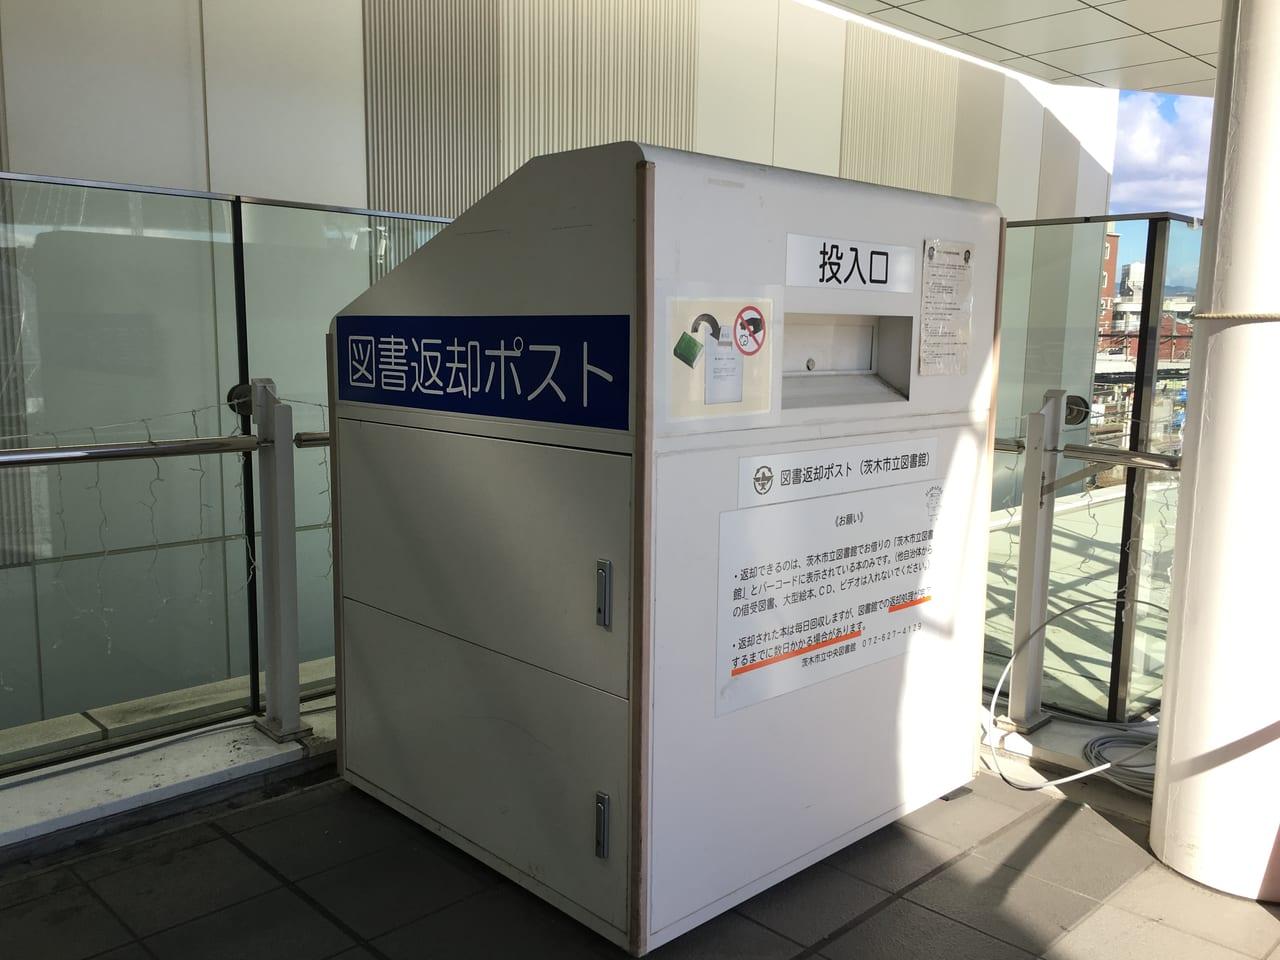 茨木市】嬉しいニュース!図書館が段階的にサービス再開です。新たな ...